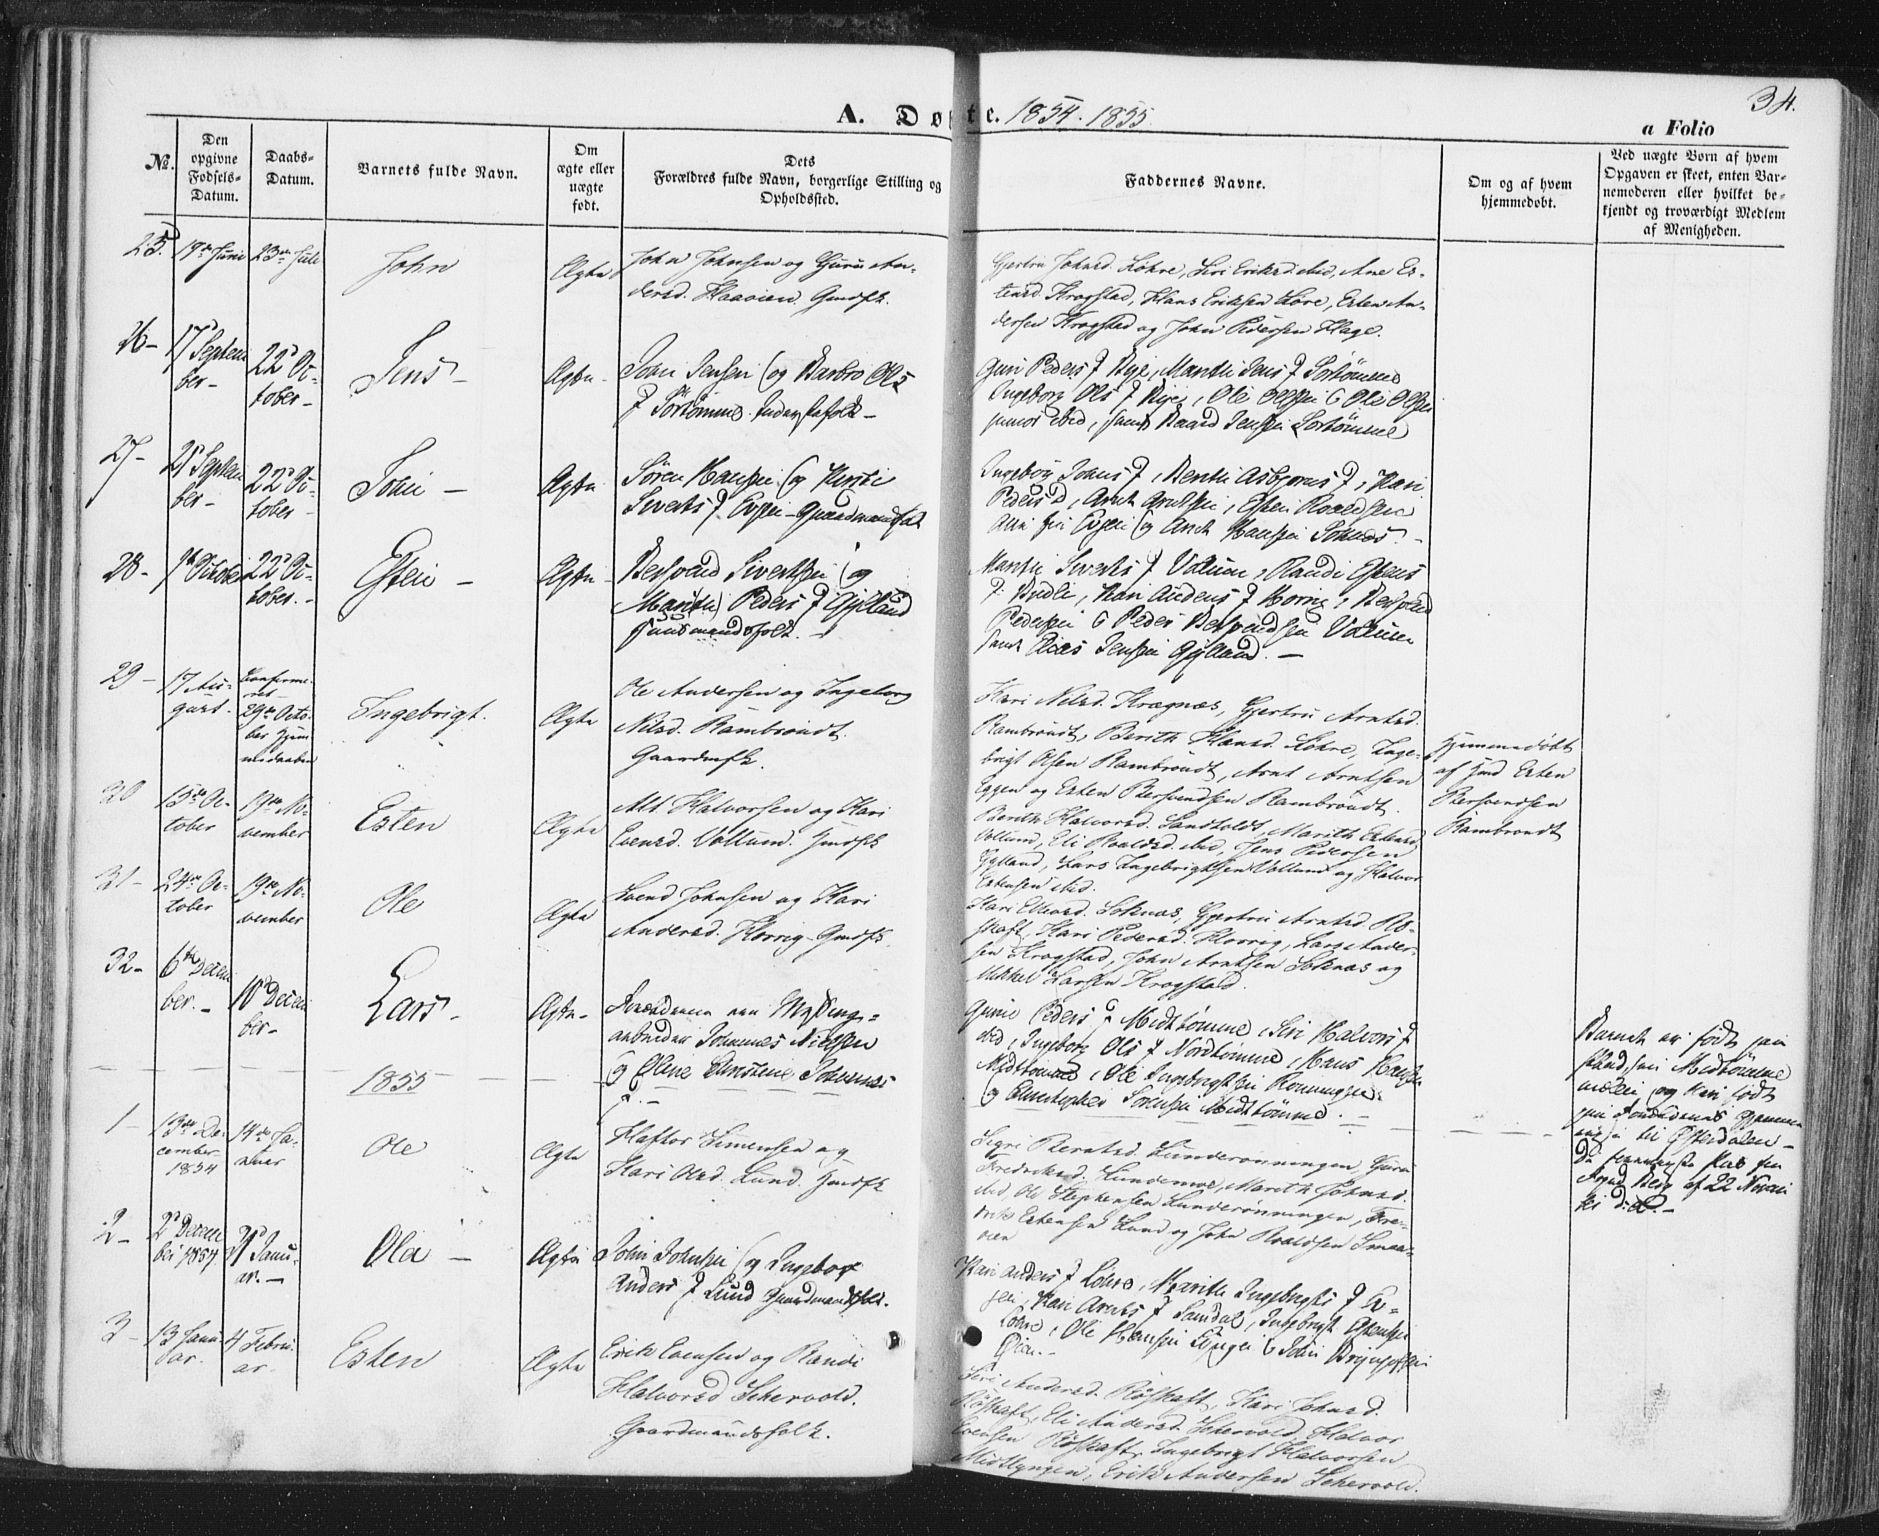 SAT, Ministerialprotokoller, klokkerbøker og fødselsregistre - Sør-Trøndelag, 692/L1103: Ministerialbok nr. 692A03, 1849-1870, s. 34